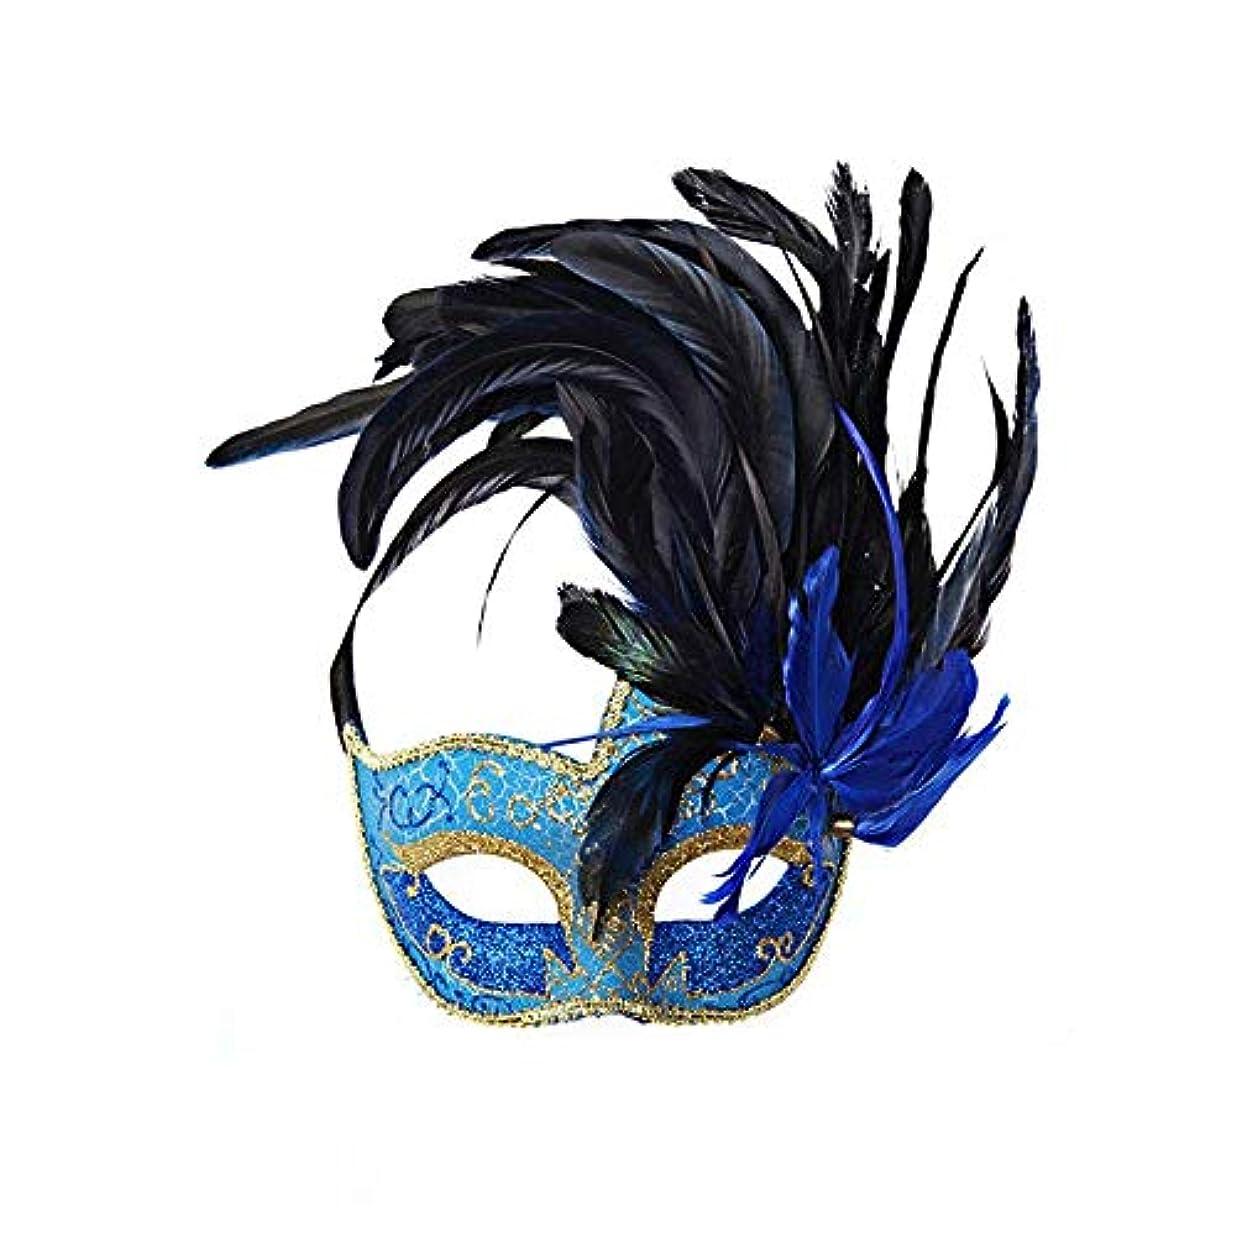 制限ぼかし最終的にNanle ハロウィンマスクハーフフェザーマスクベニスプリンセスマスク美容レース仮面ライダーコスプレ (色 : Style A blue)